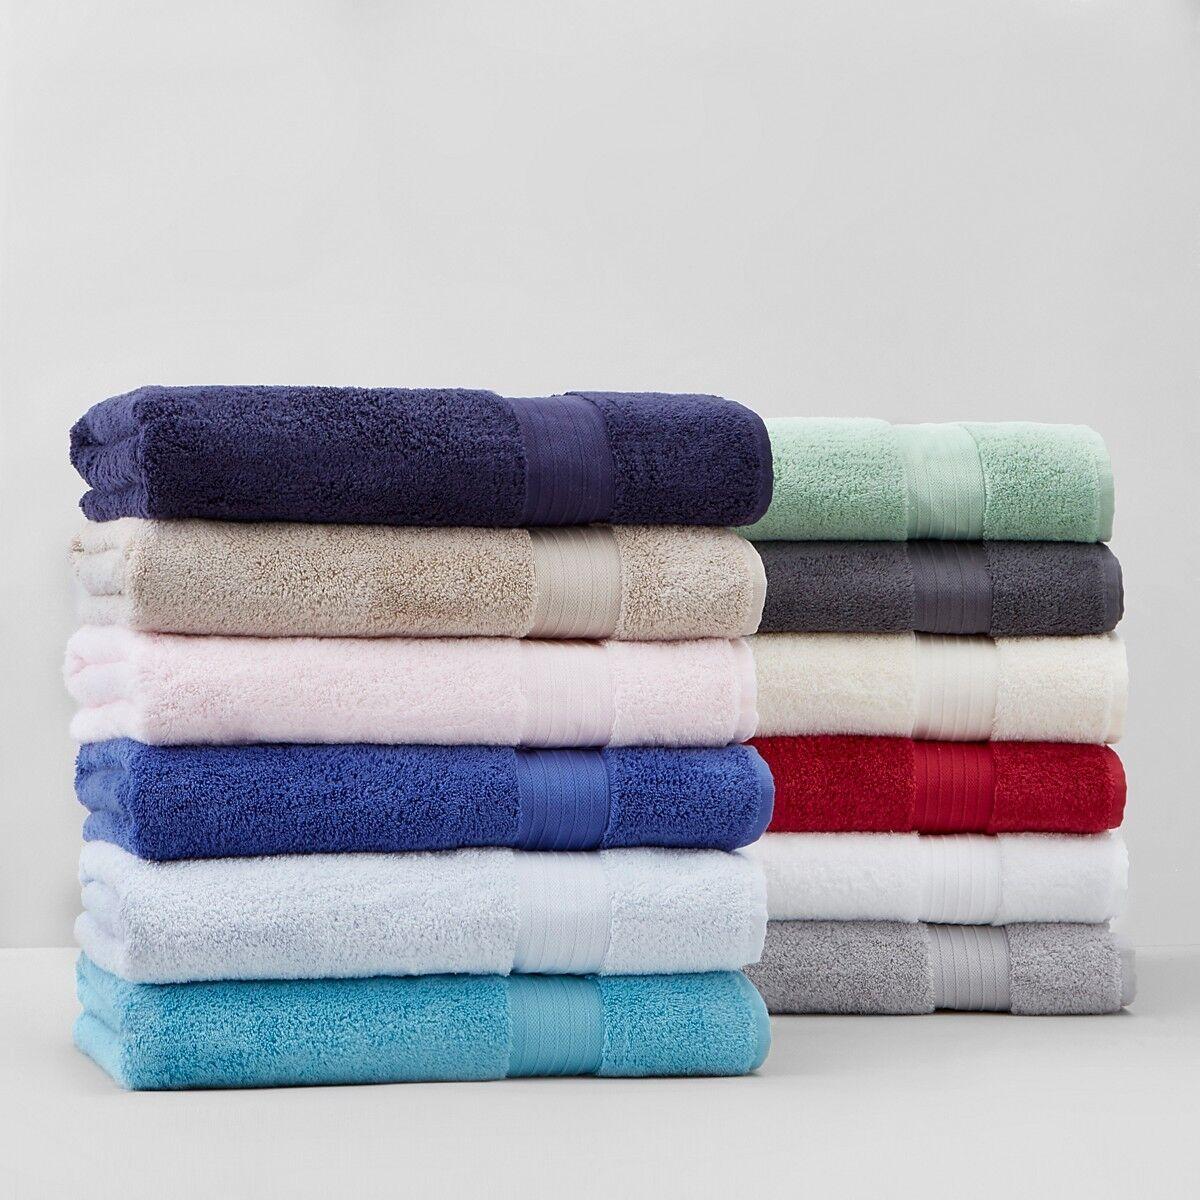 Schlossberg AirDrop 100% Cotton 2-PC Bath Sheet and Hand Towel Set Grün G2125